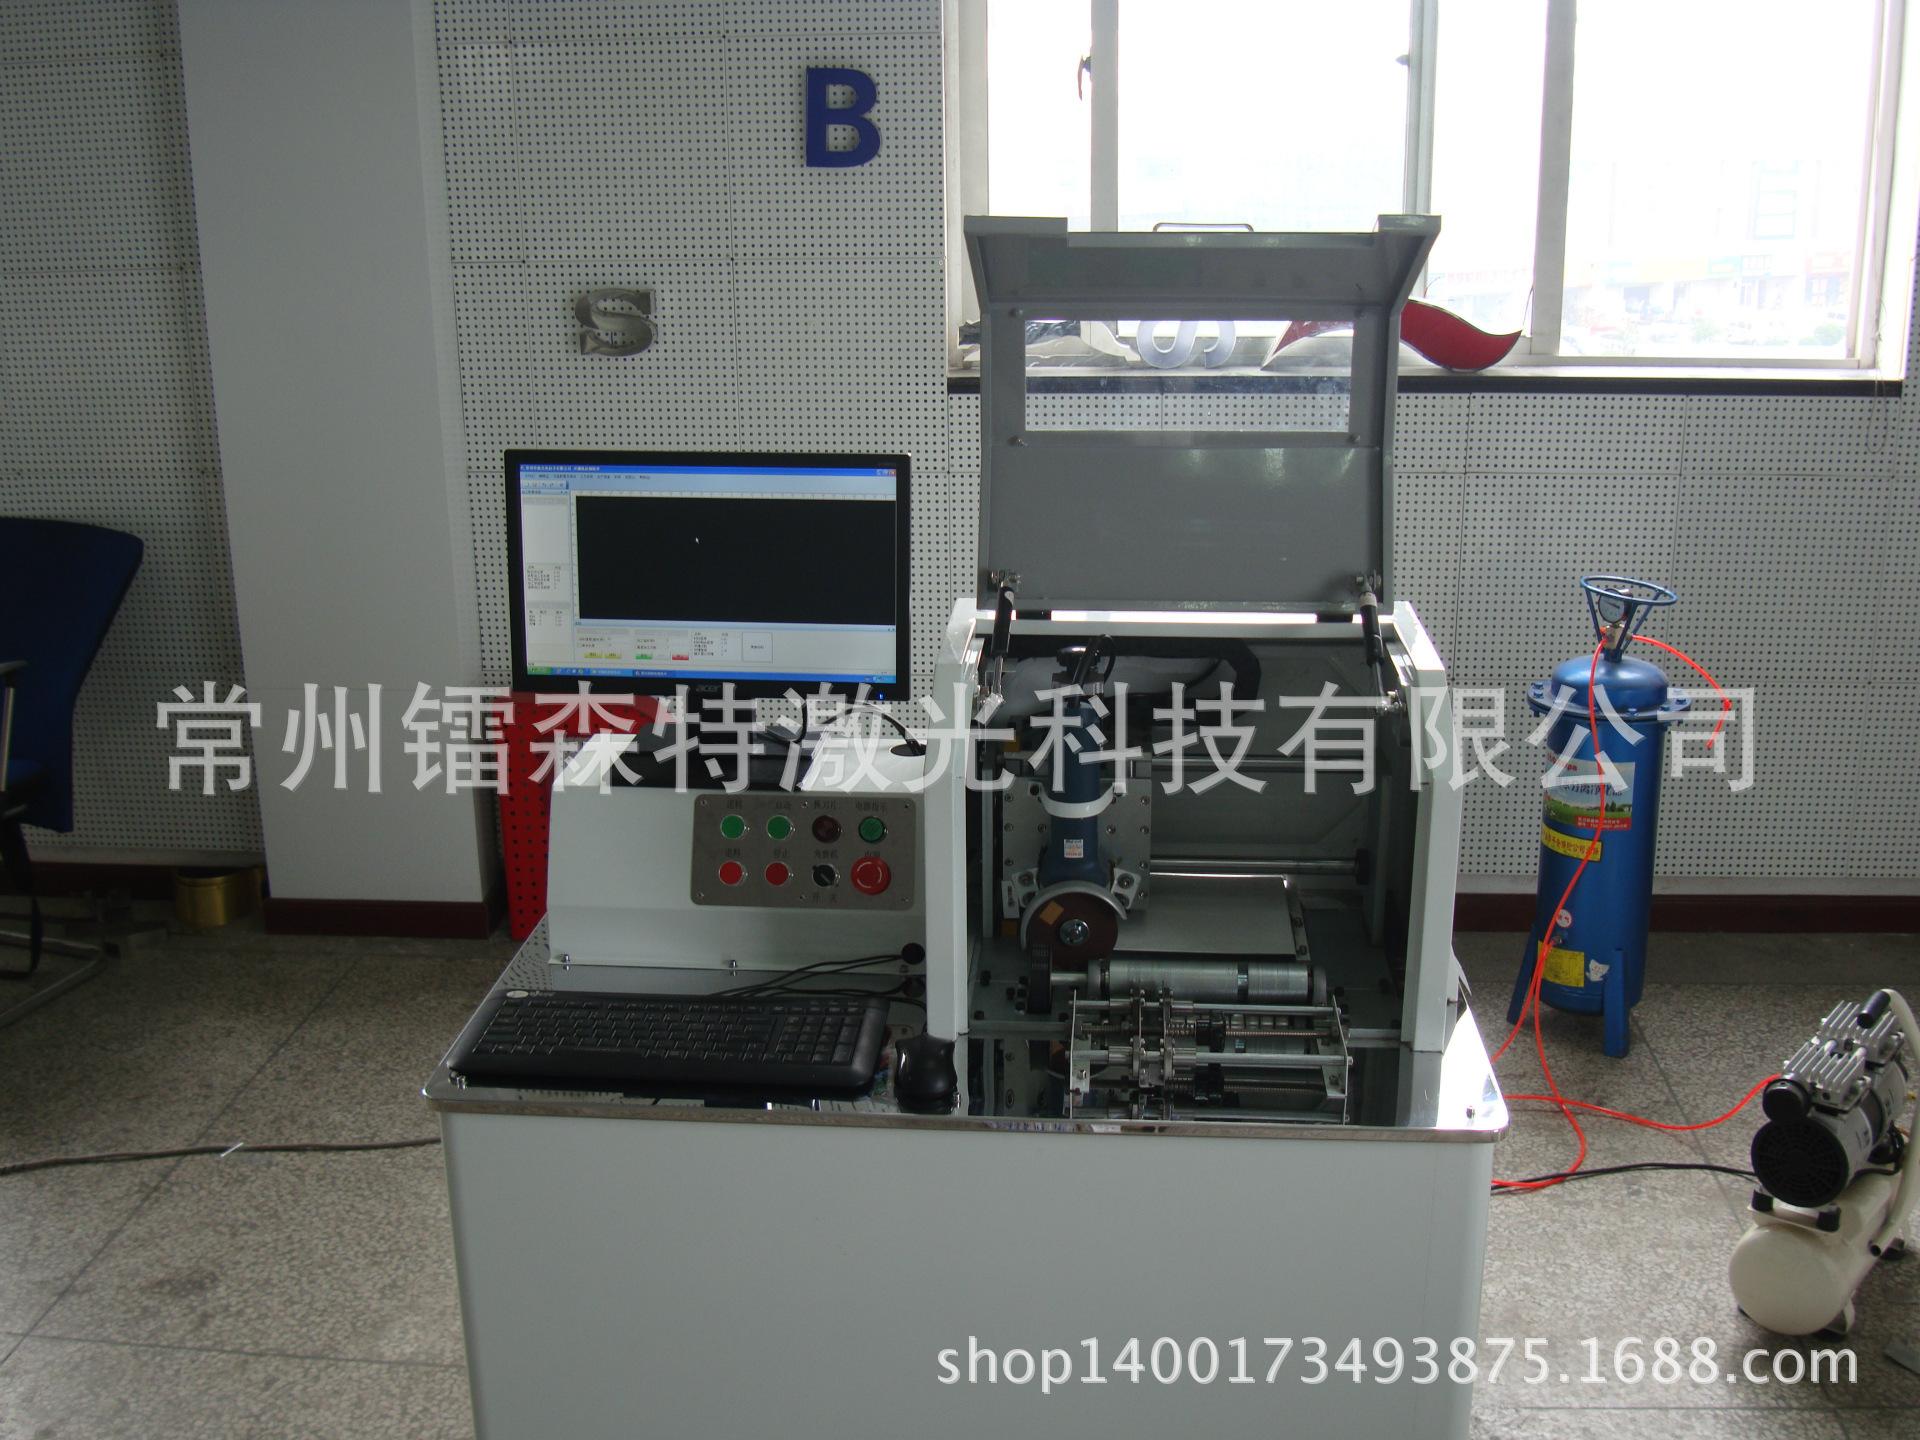 不锈钢发光字-数控开槽机-江苏常州镭森特厂家直销